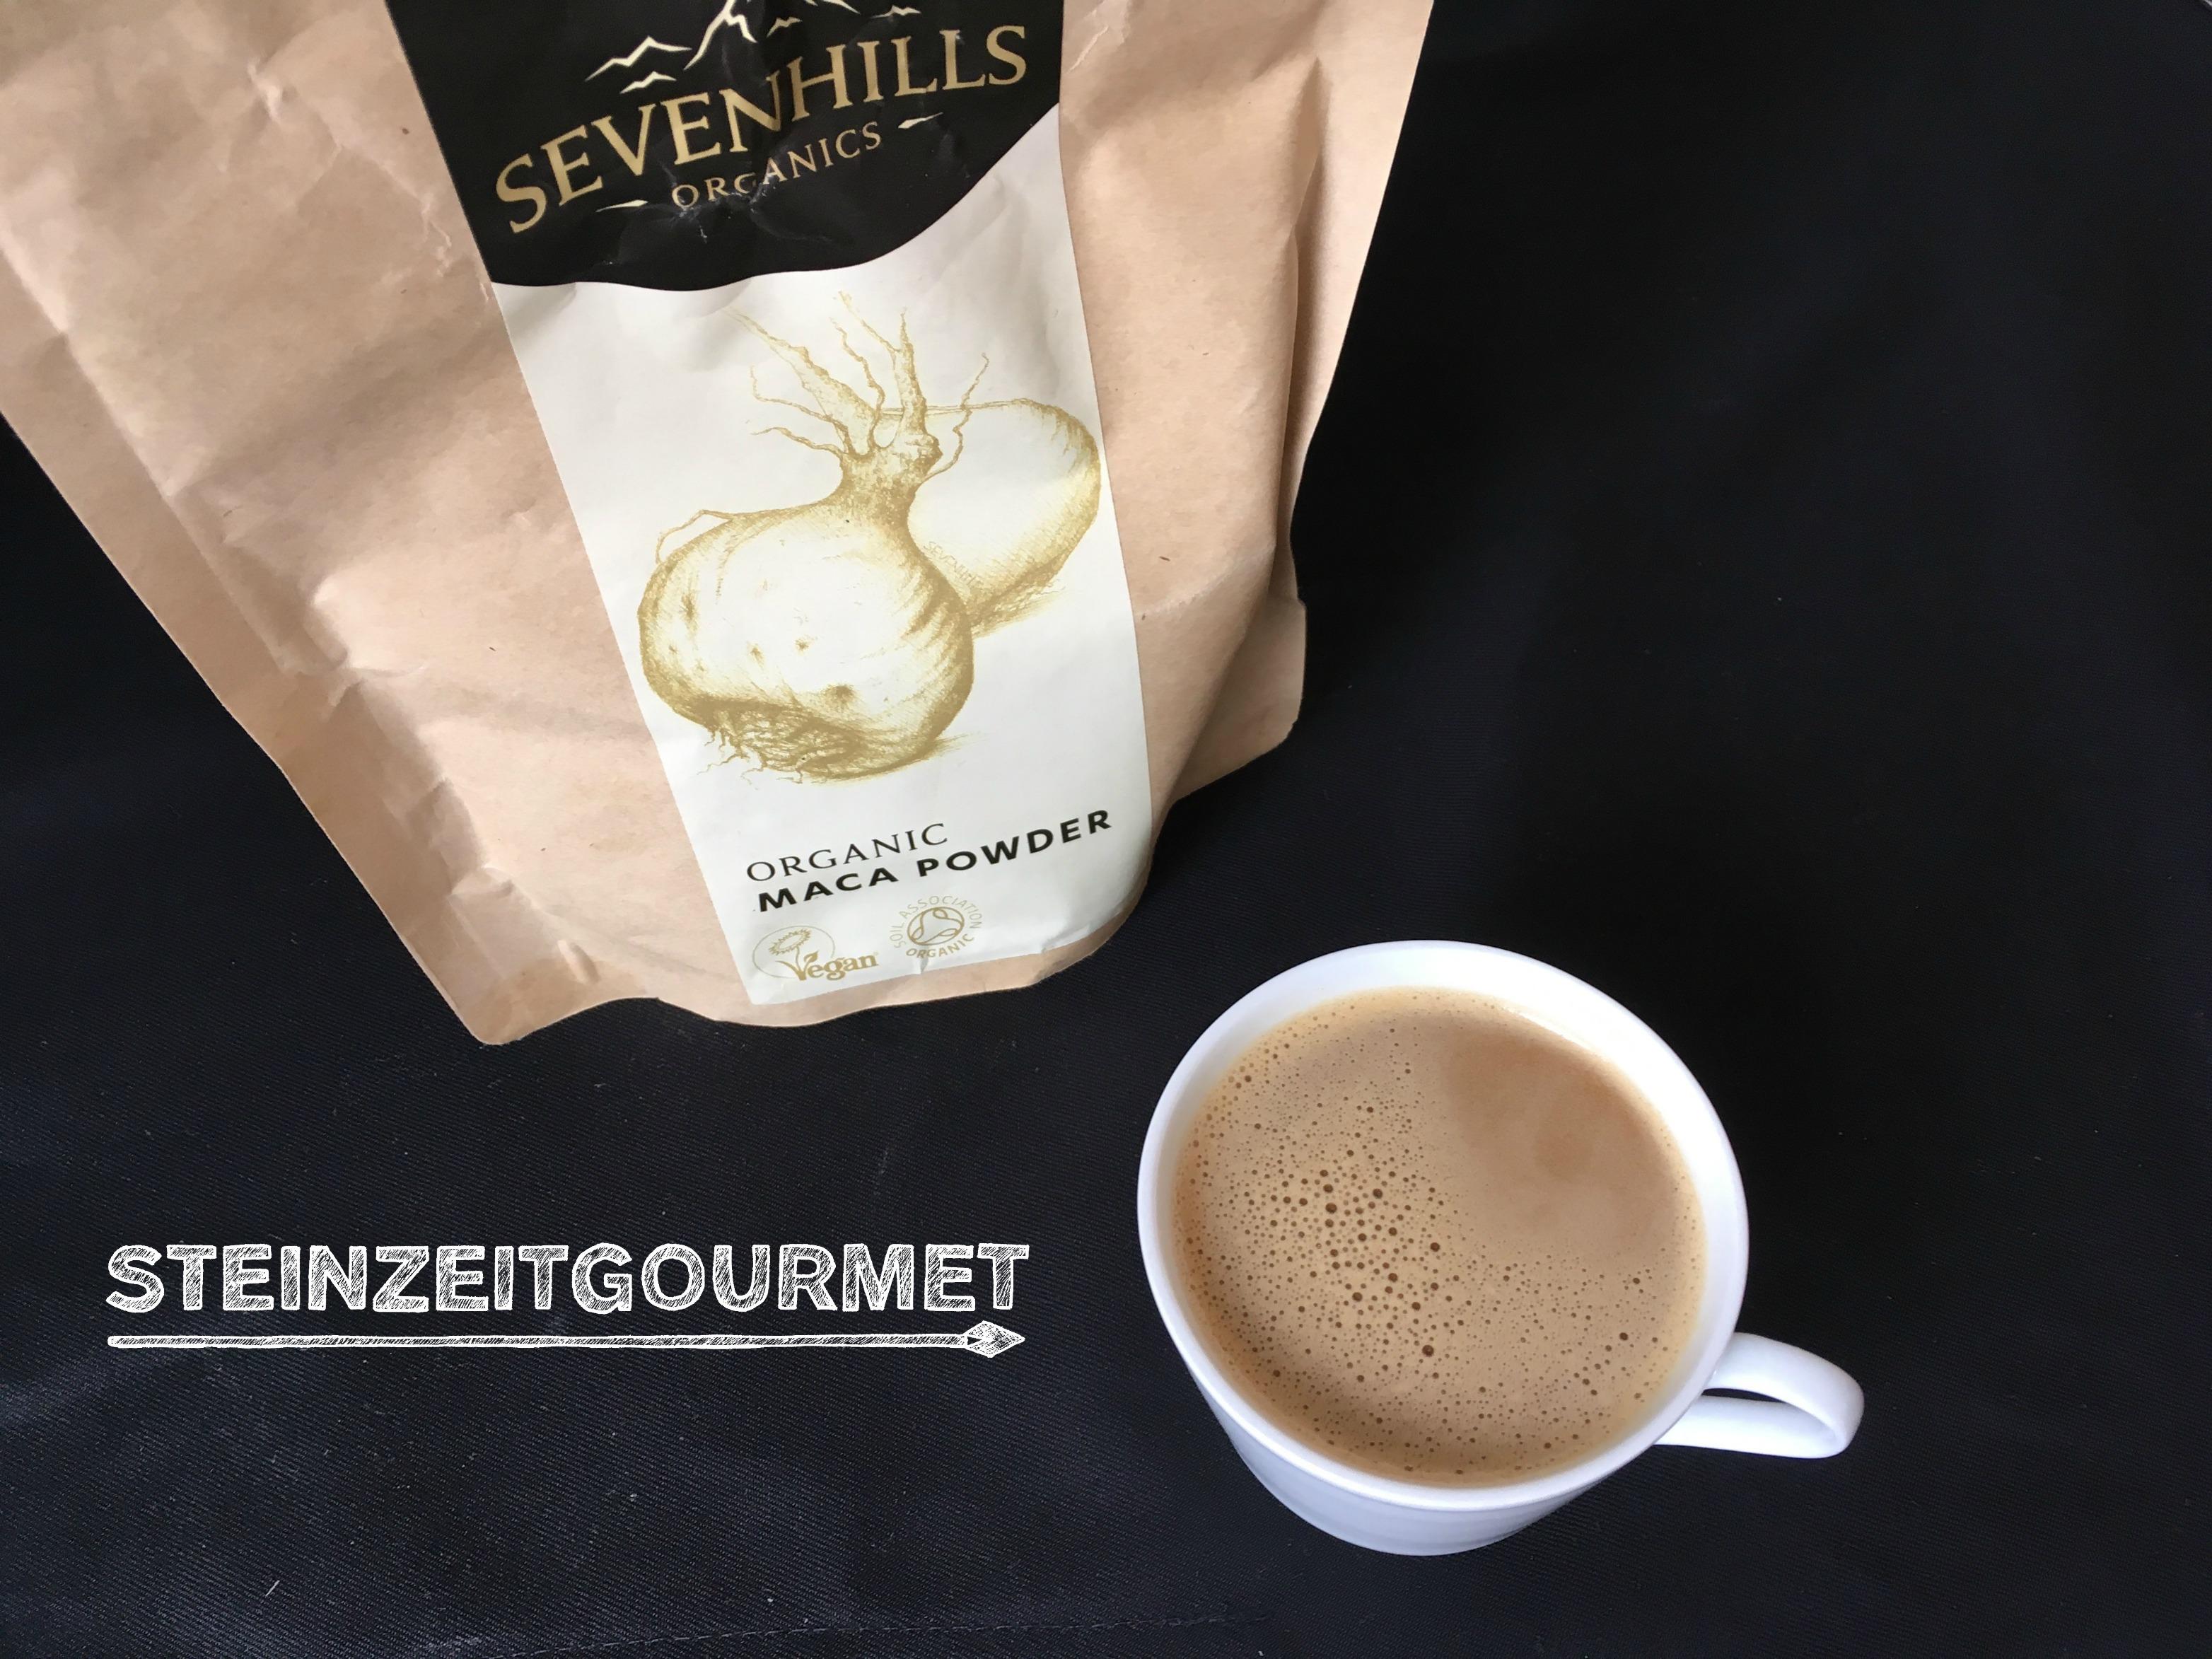 Paleo Maca Bulletproof Coffee